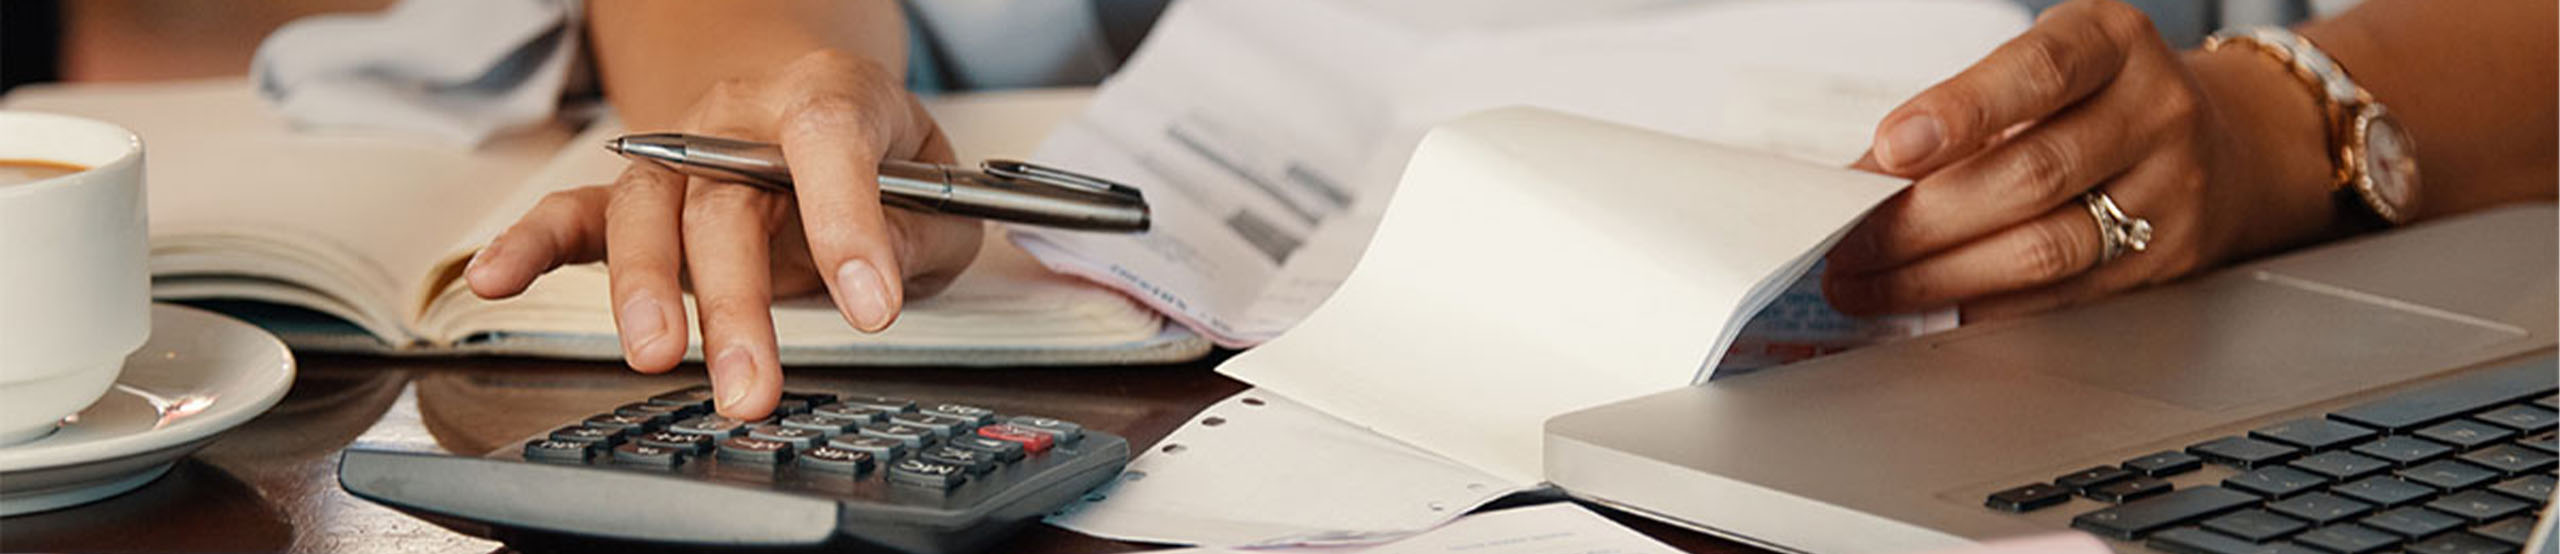 Woman Doing Taxes | Naples Global Advisors, SEC Registered Investment Advisor